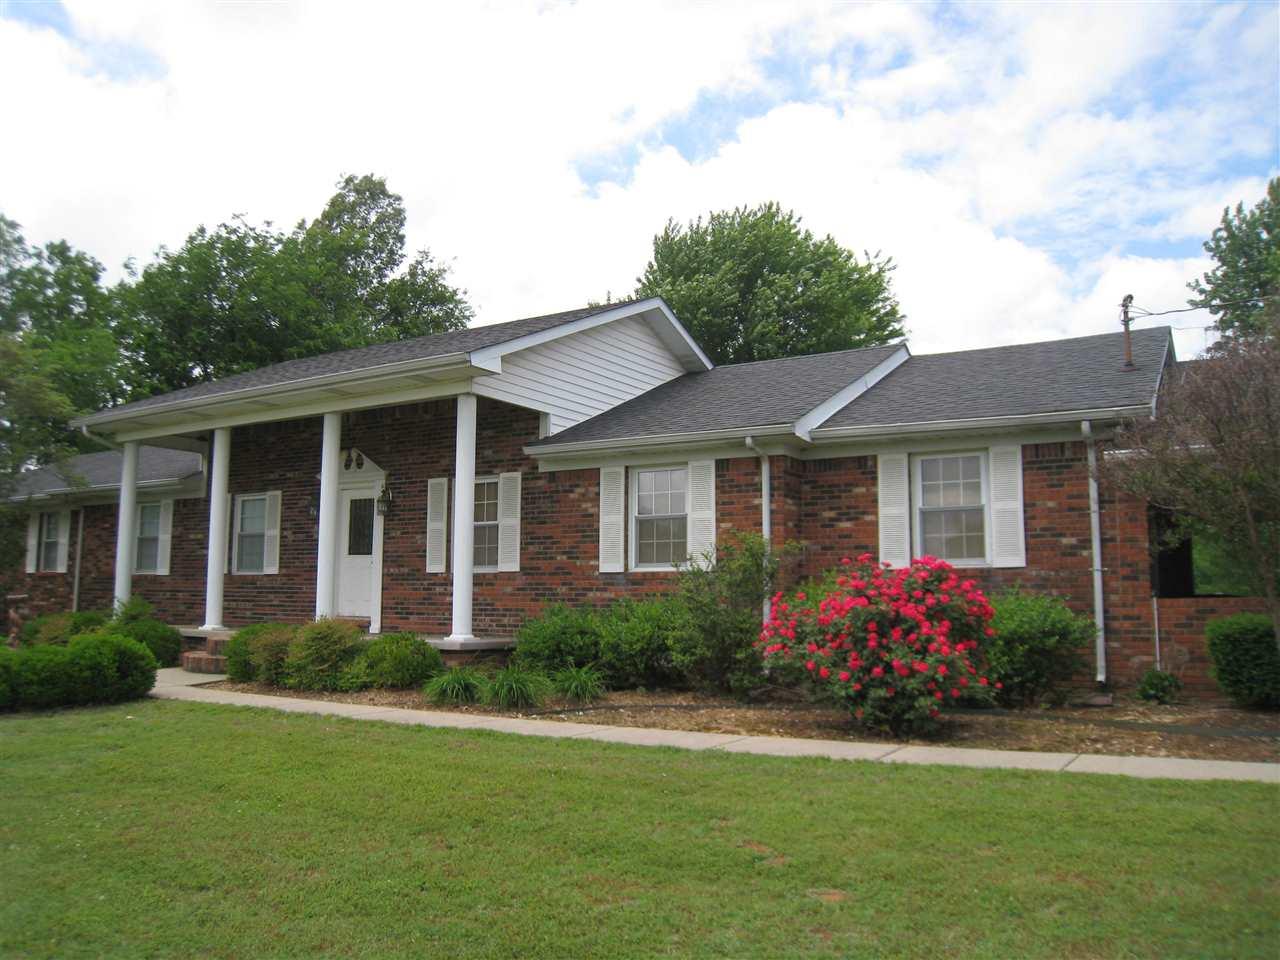 Real Estate for Sale, ListingId: 33258439, Ledbetter,KY42058